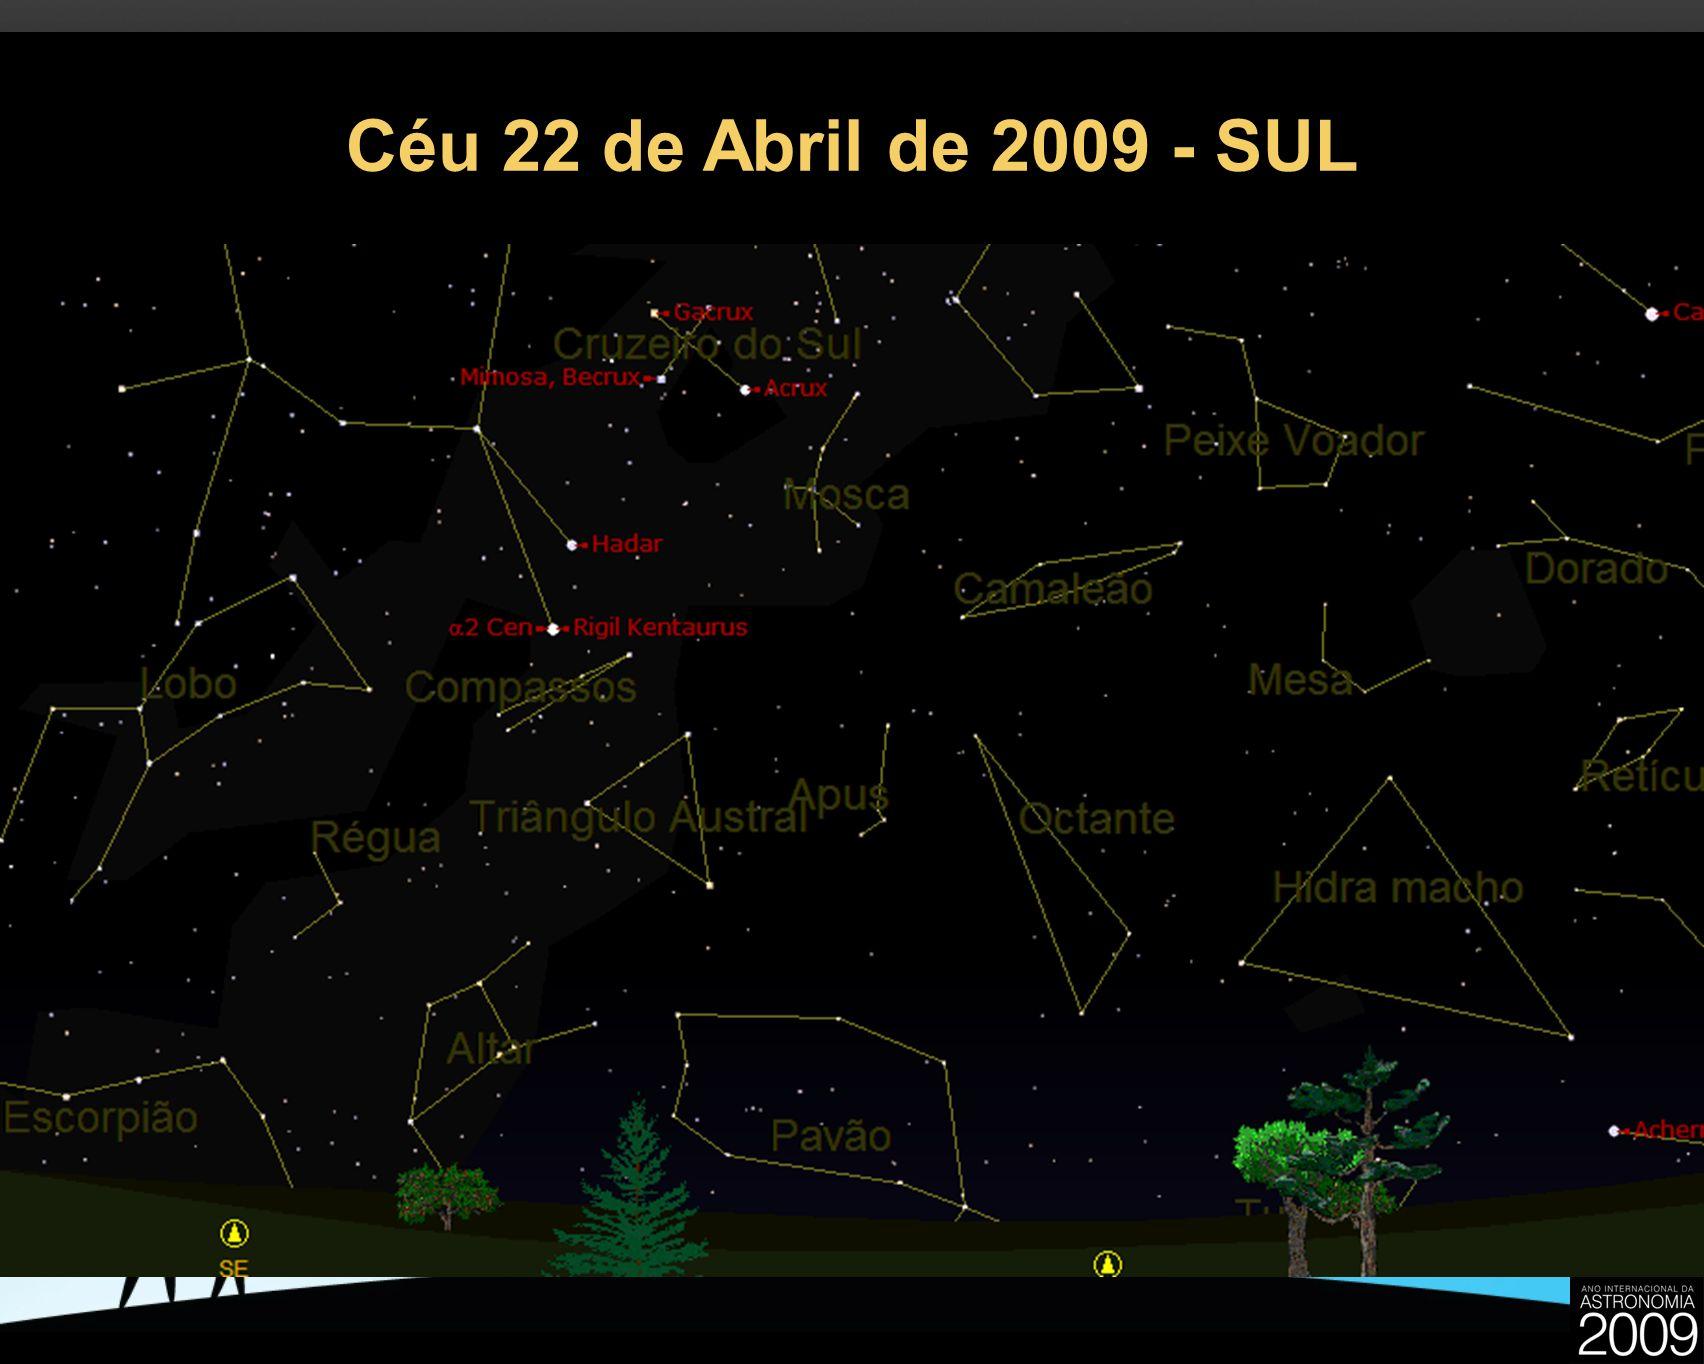 Céu 22 de Abril de 2009 - SUL 28